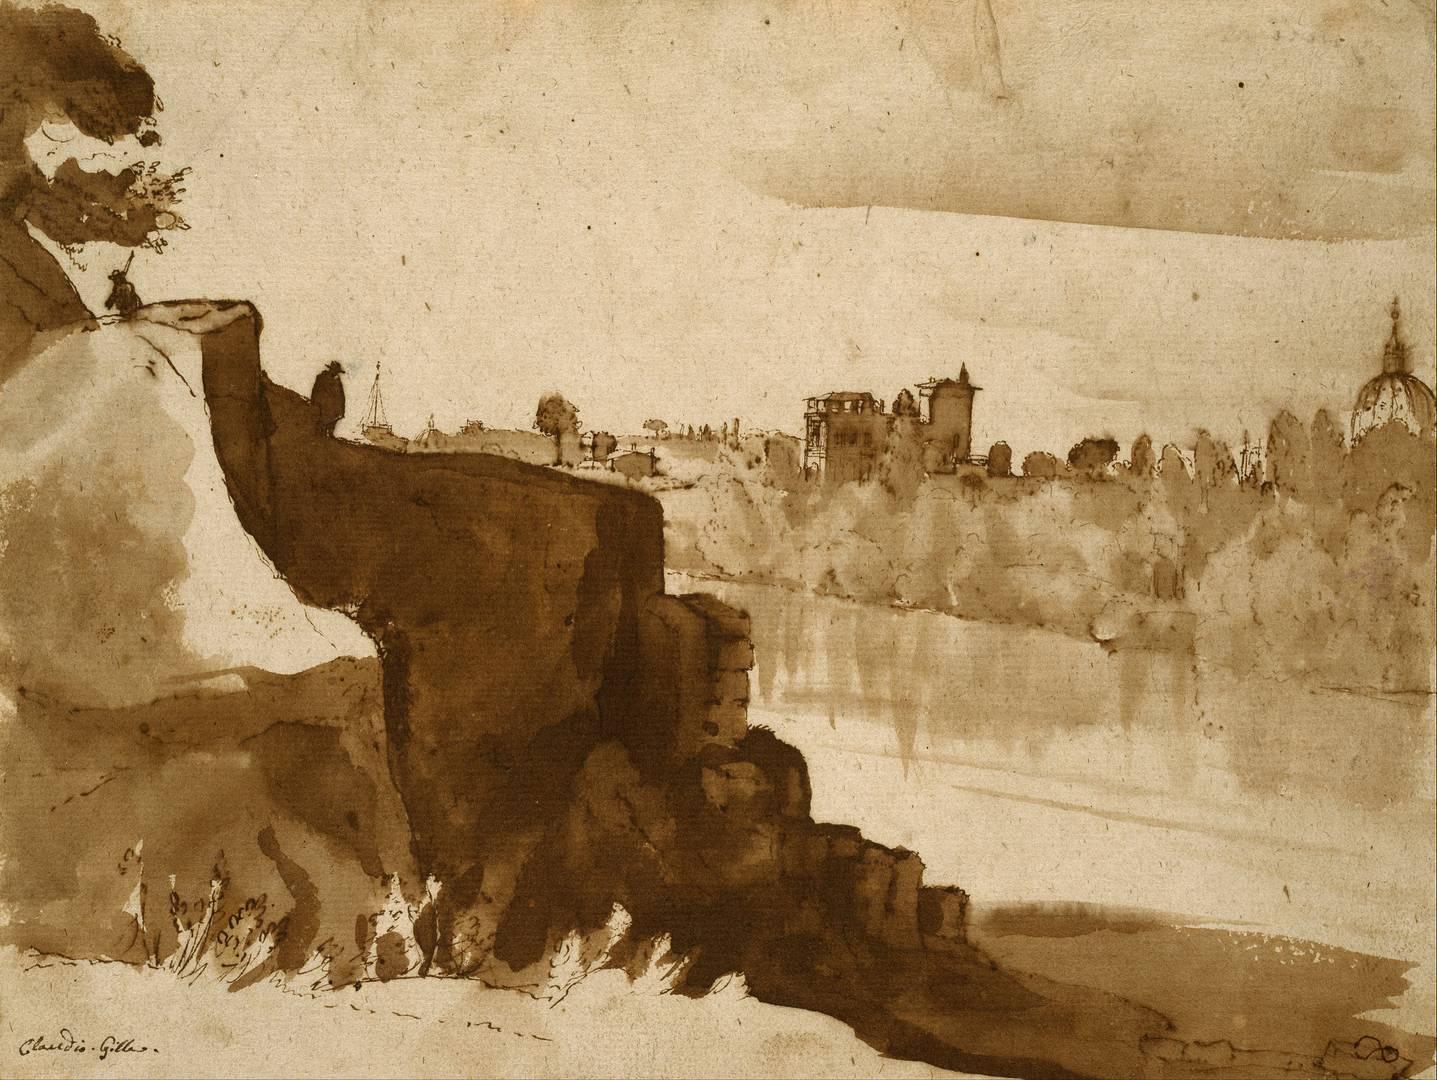 Клод Лоррен. Тибр в Риме. 1635–1640